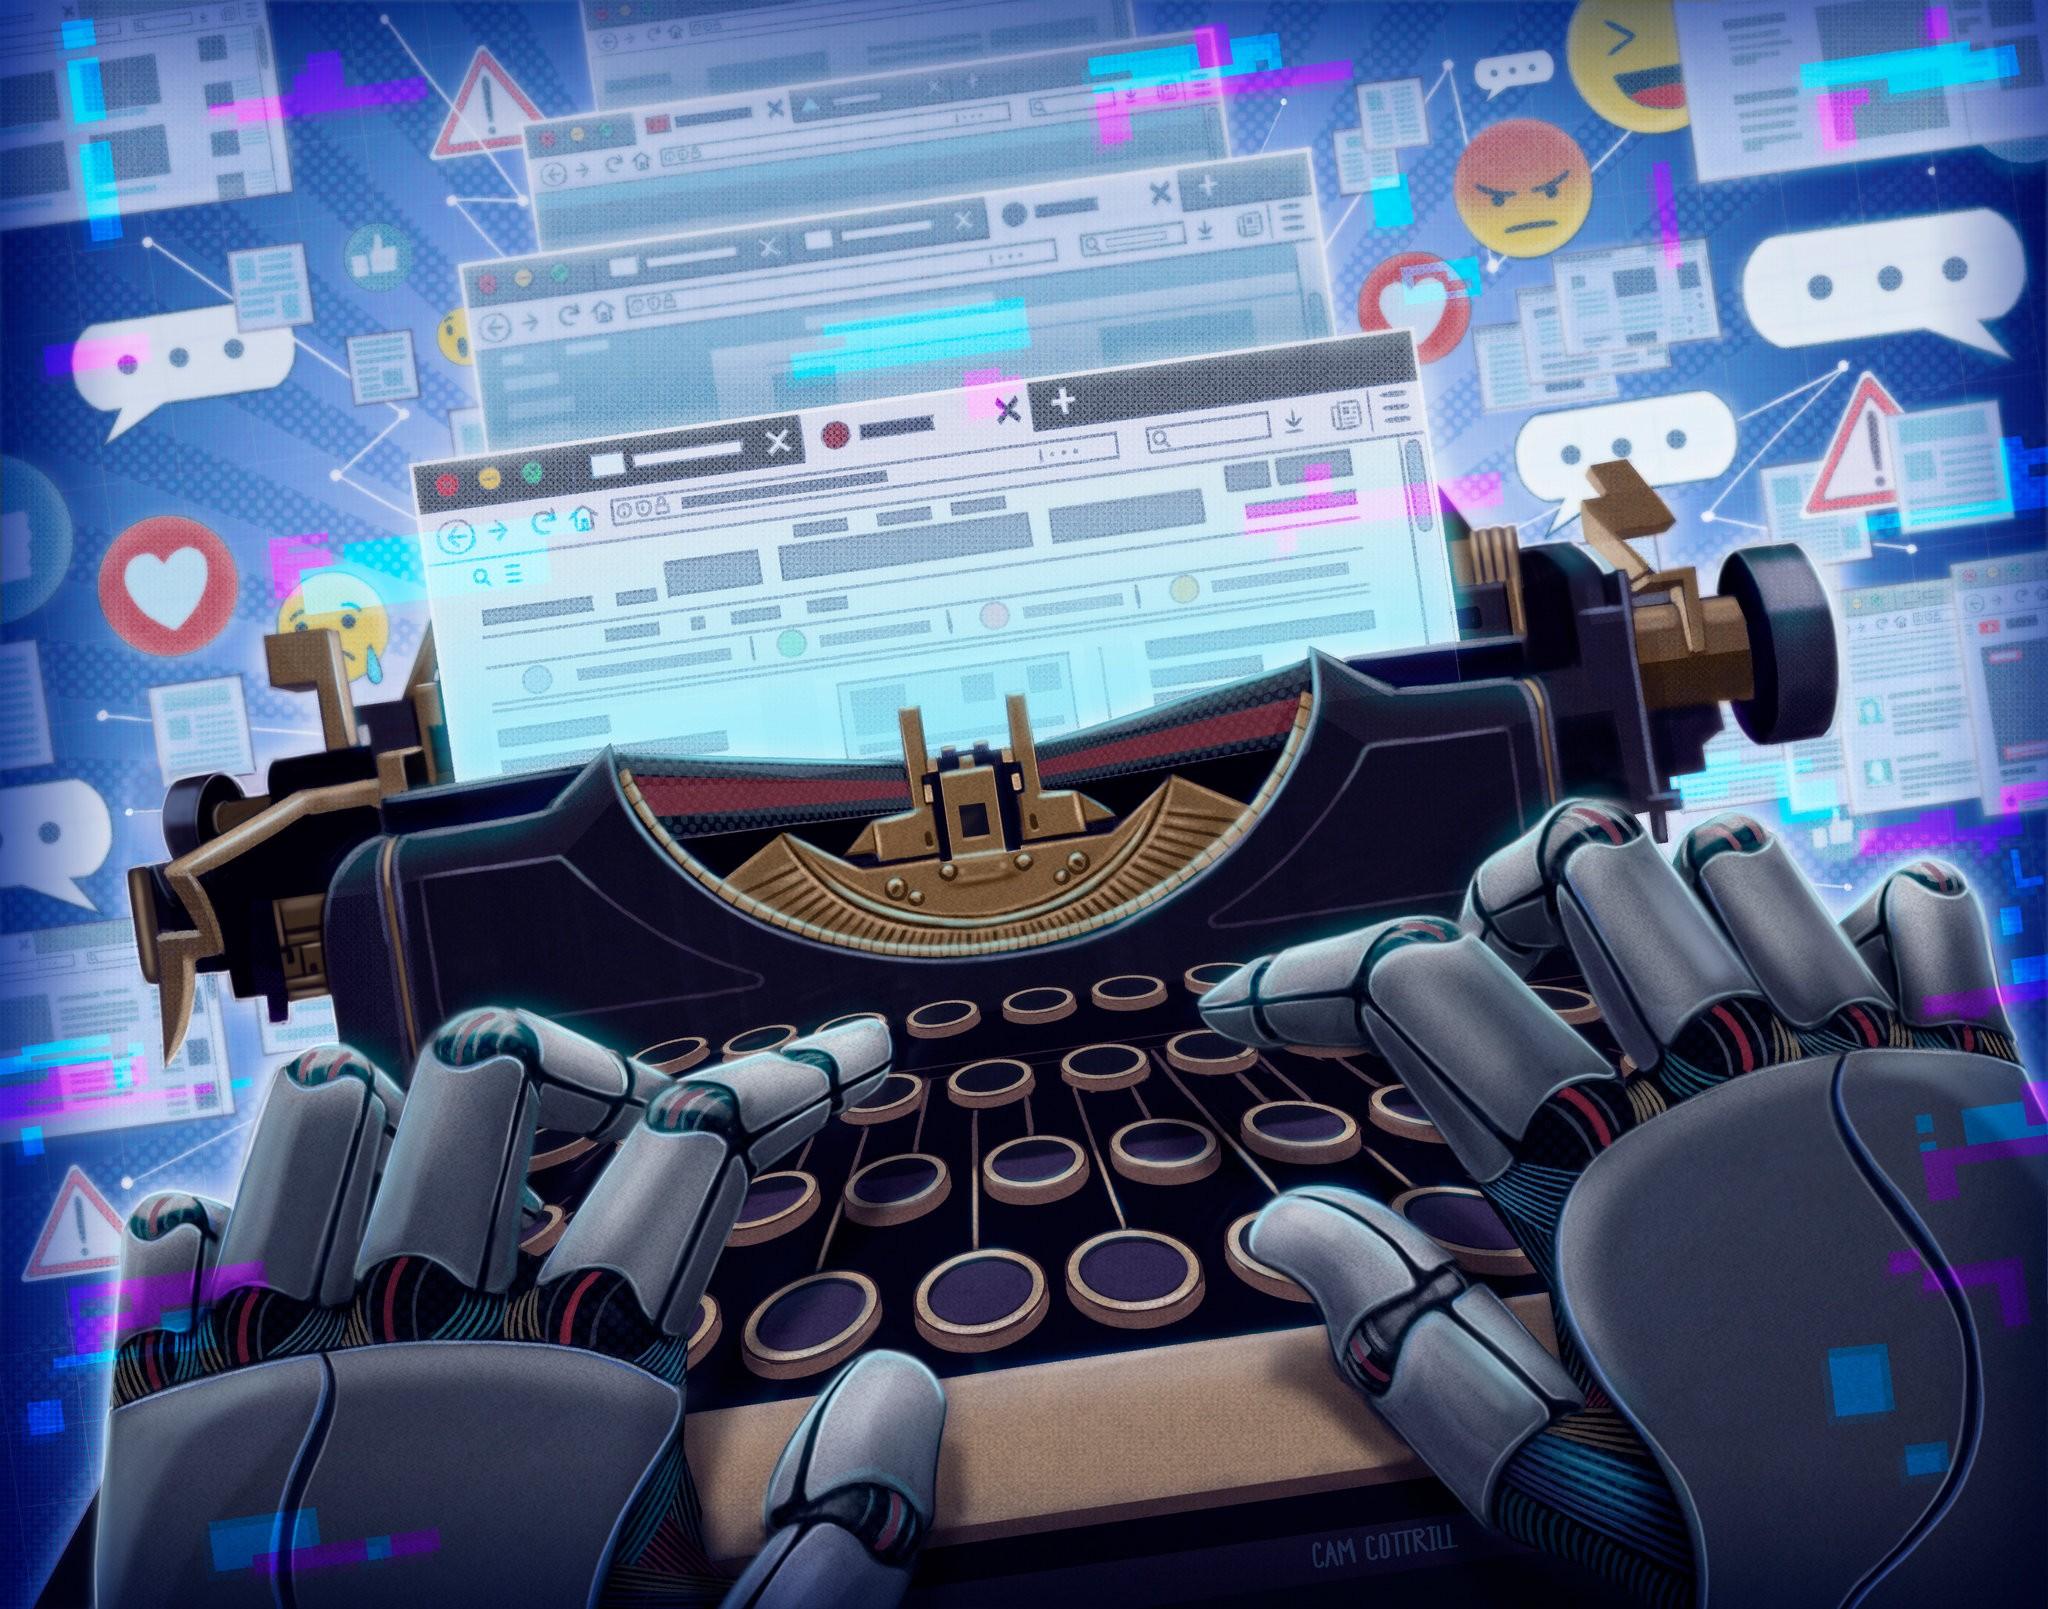 ظهور خبرنگار ربات